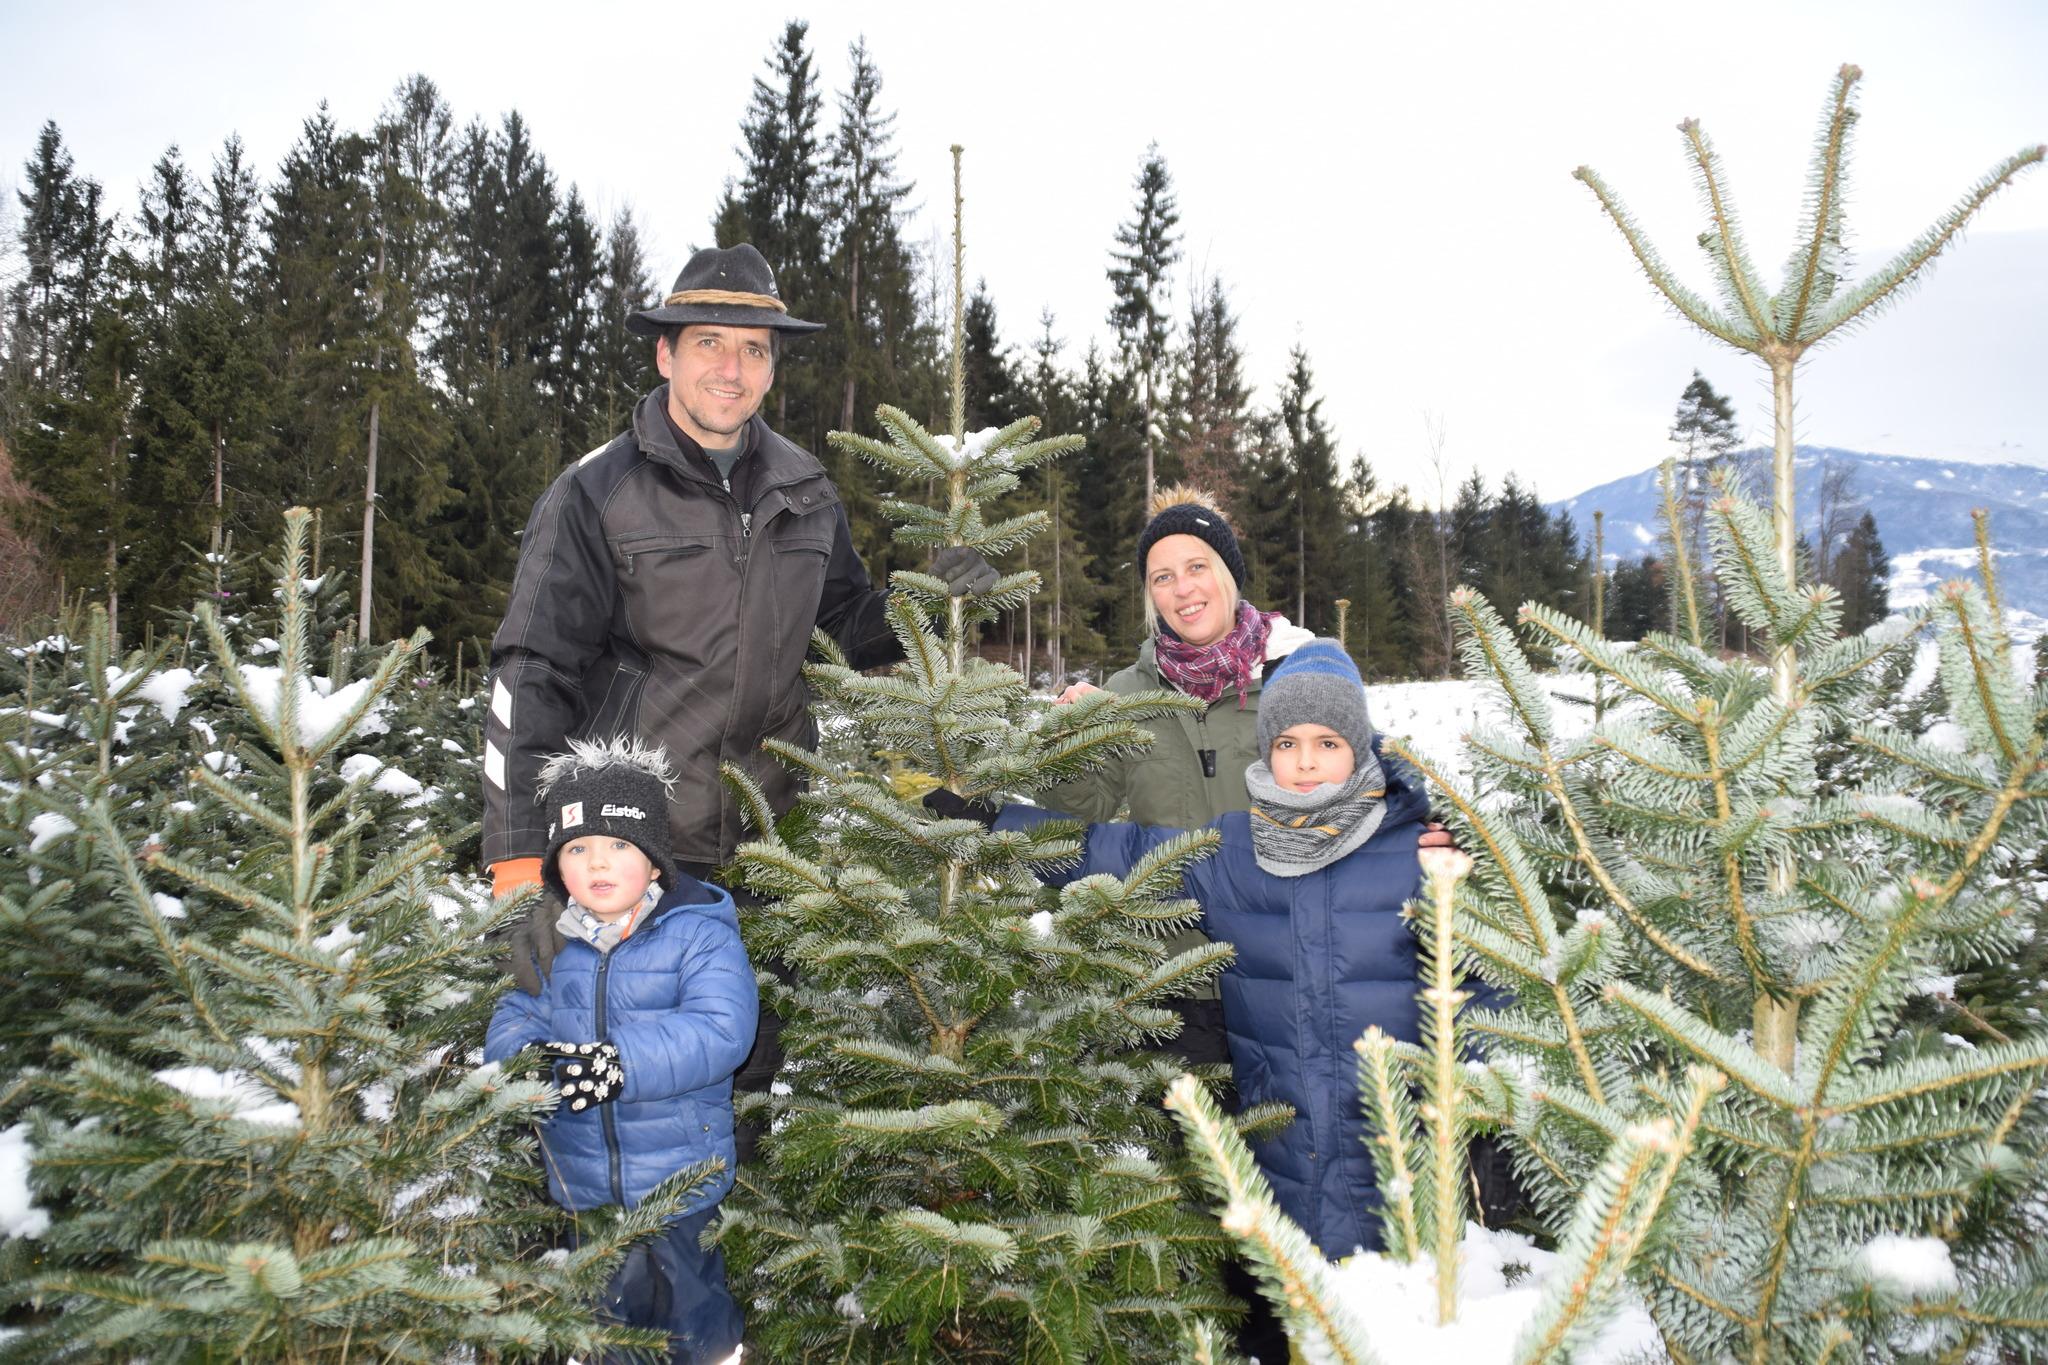 Weihnachtsbaum Selber Schneiden.Kleinedling Lavanttaler Fällen Ihren Christbaum Selbst Wolfsberg